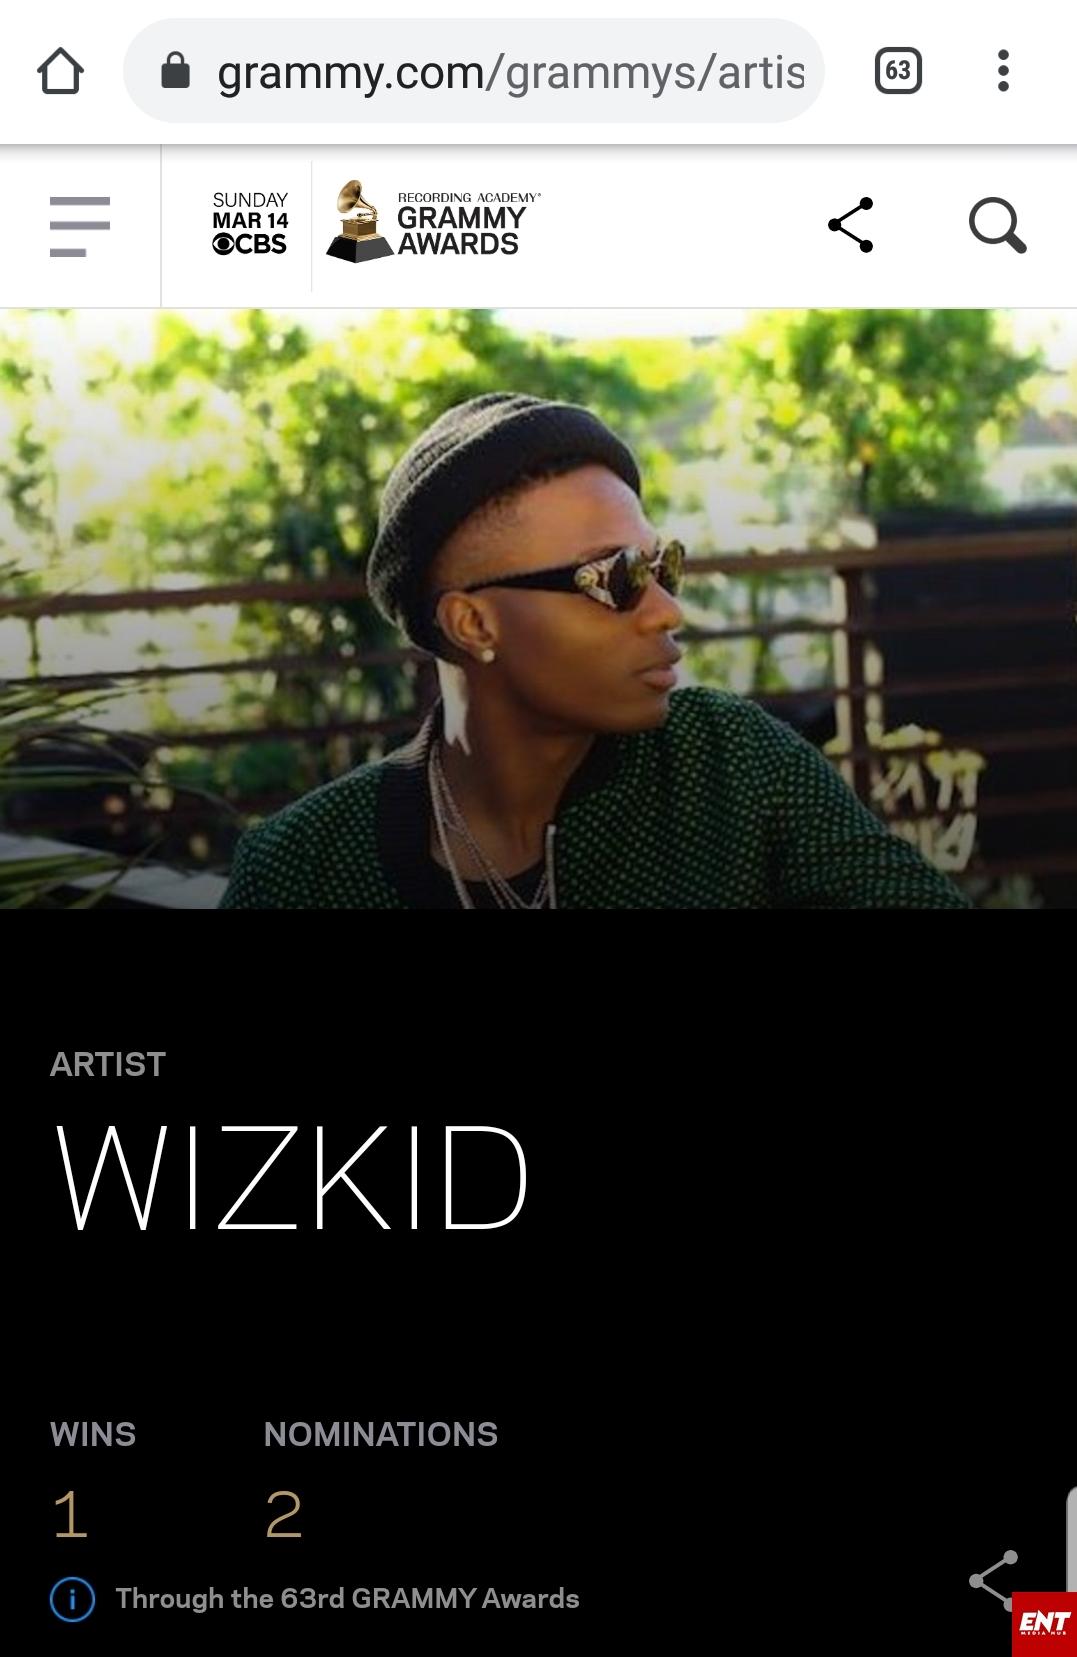 Wizkid #Grammy award